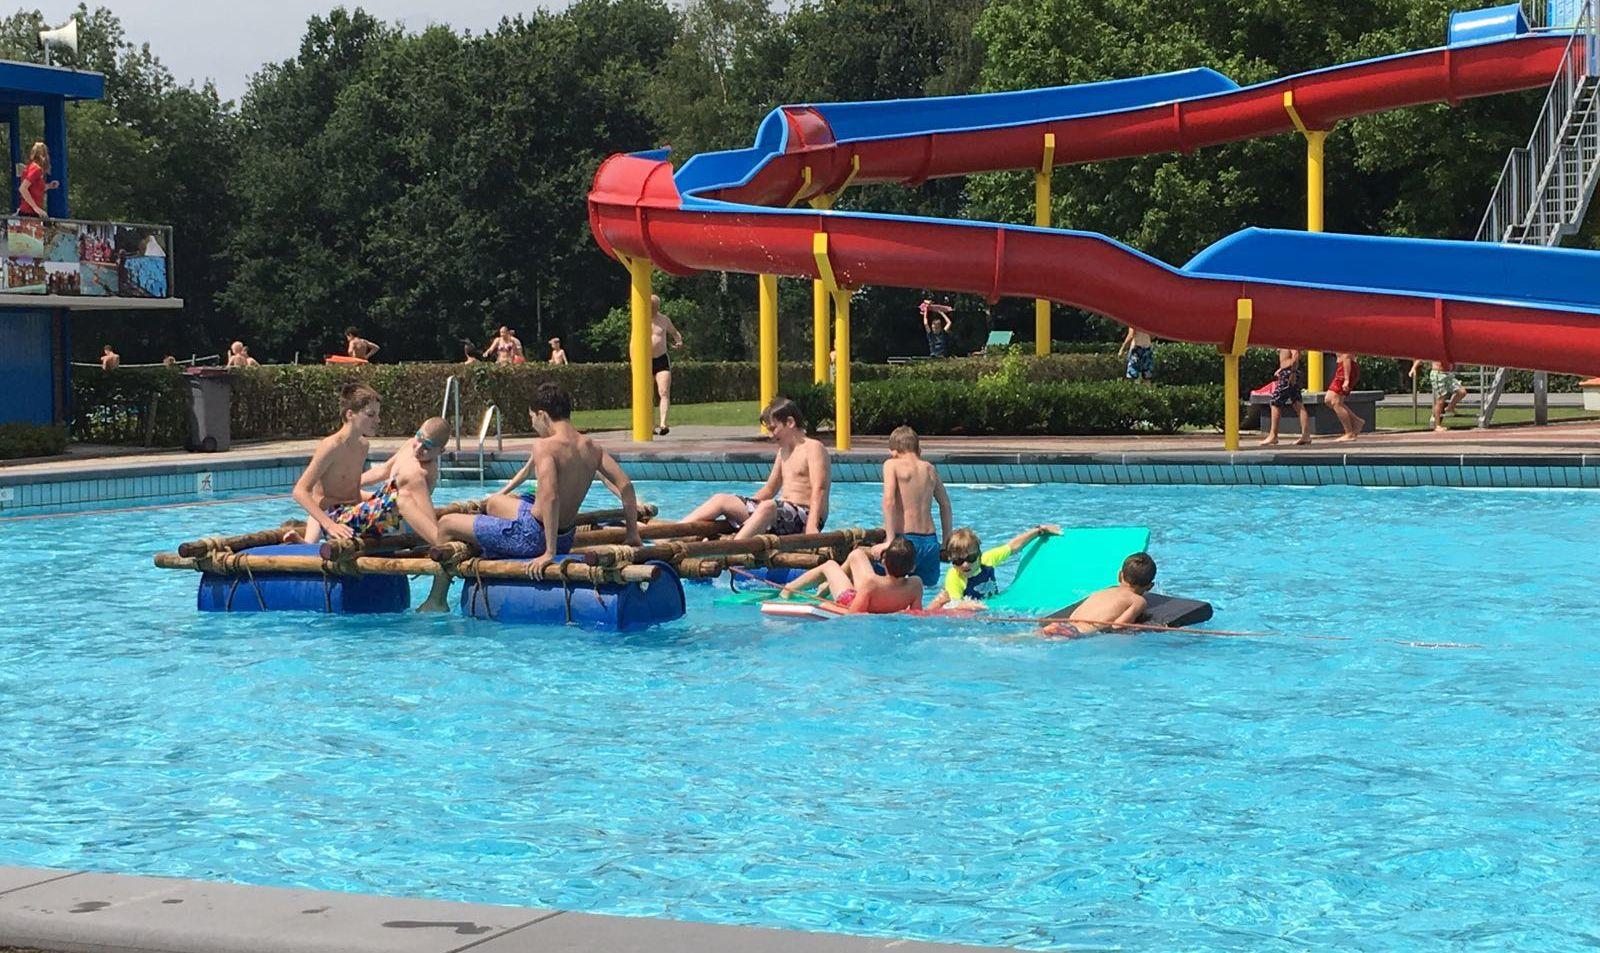 Geslaagd evenement scouting jan de rooij bij zwembad zidewinde waalwijk - Zwembad toren in kiezelsteen ...